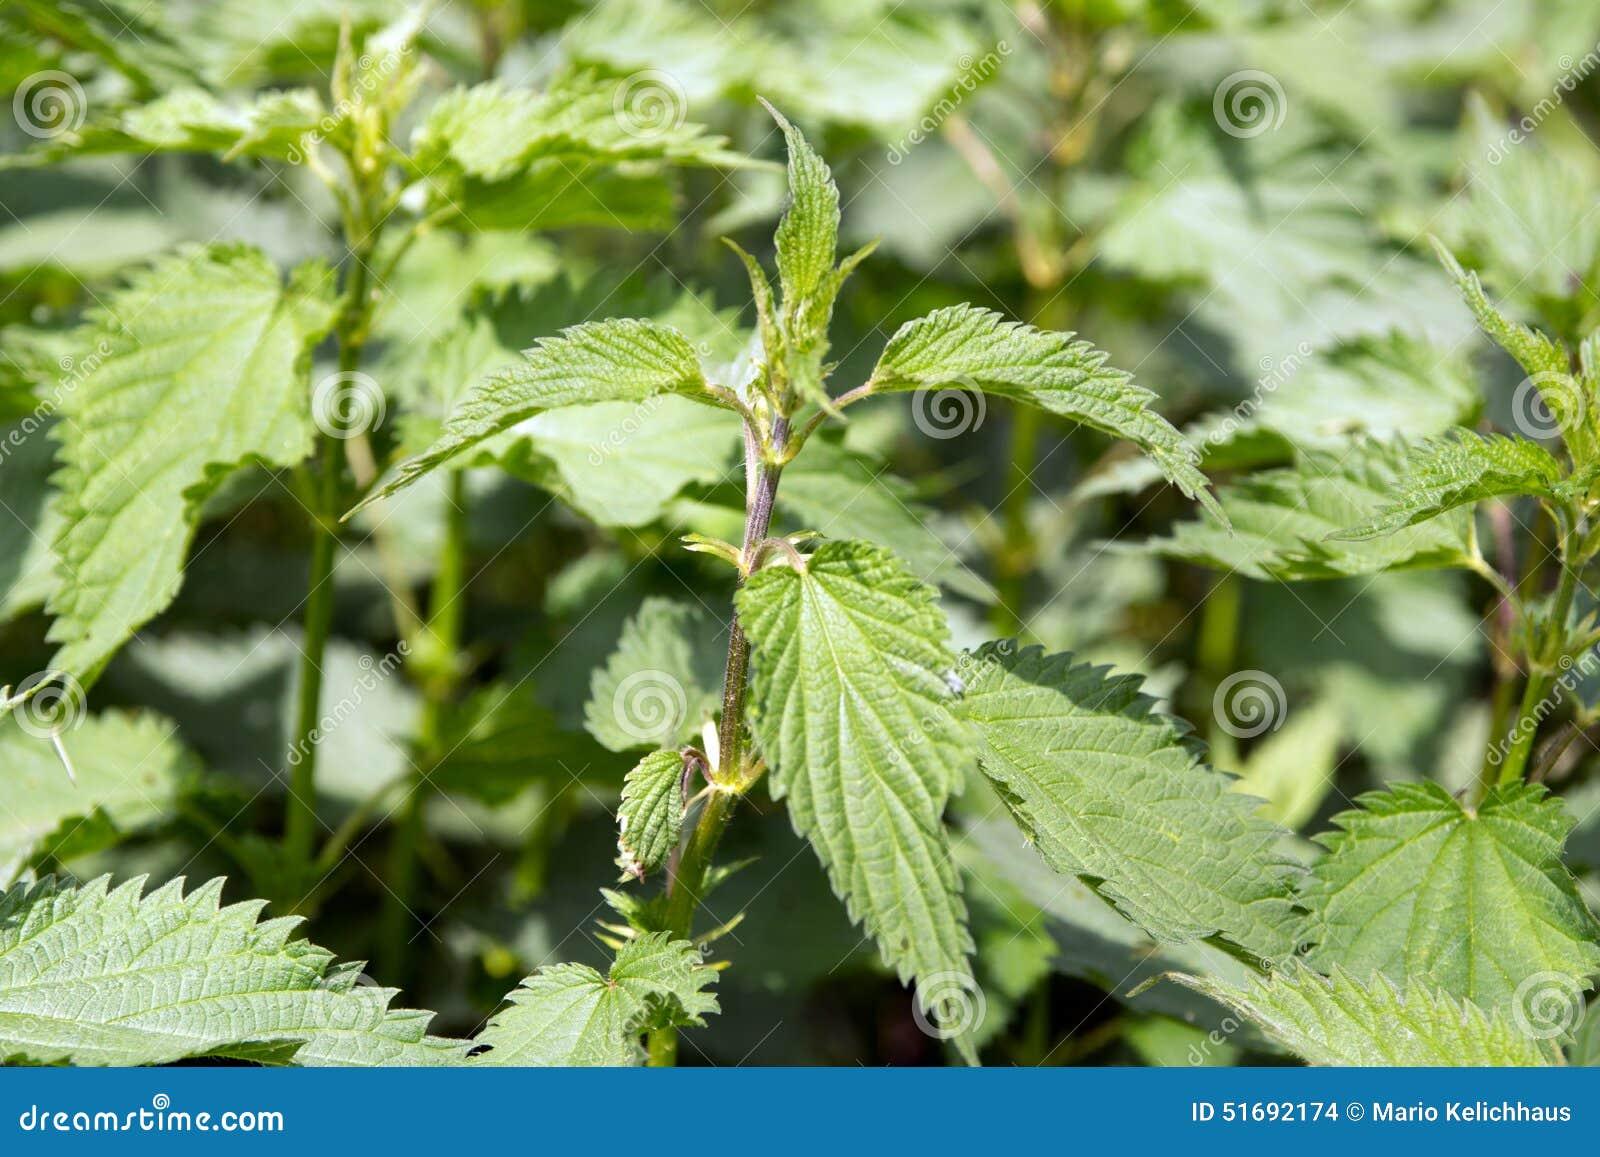 För irritera wild sticka urtica nässlaväxt för dioica